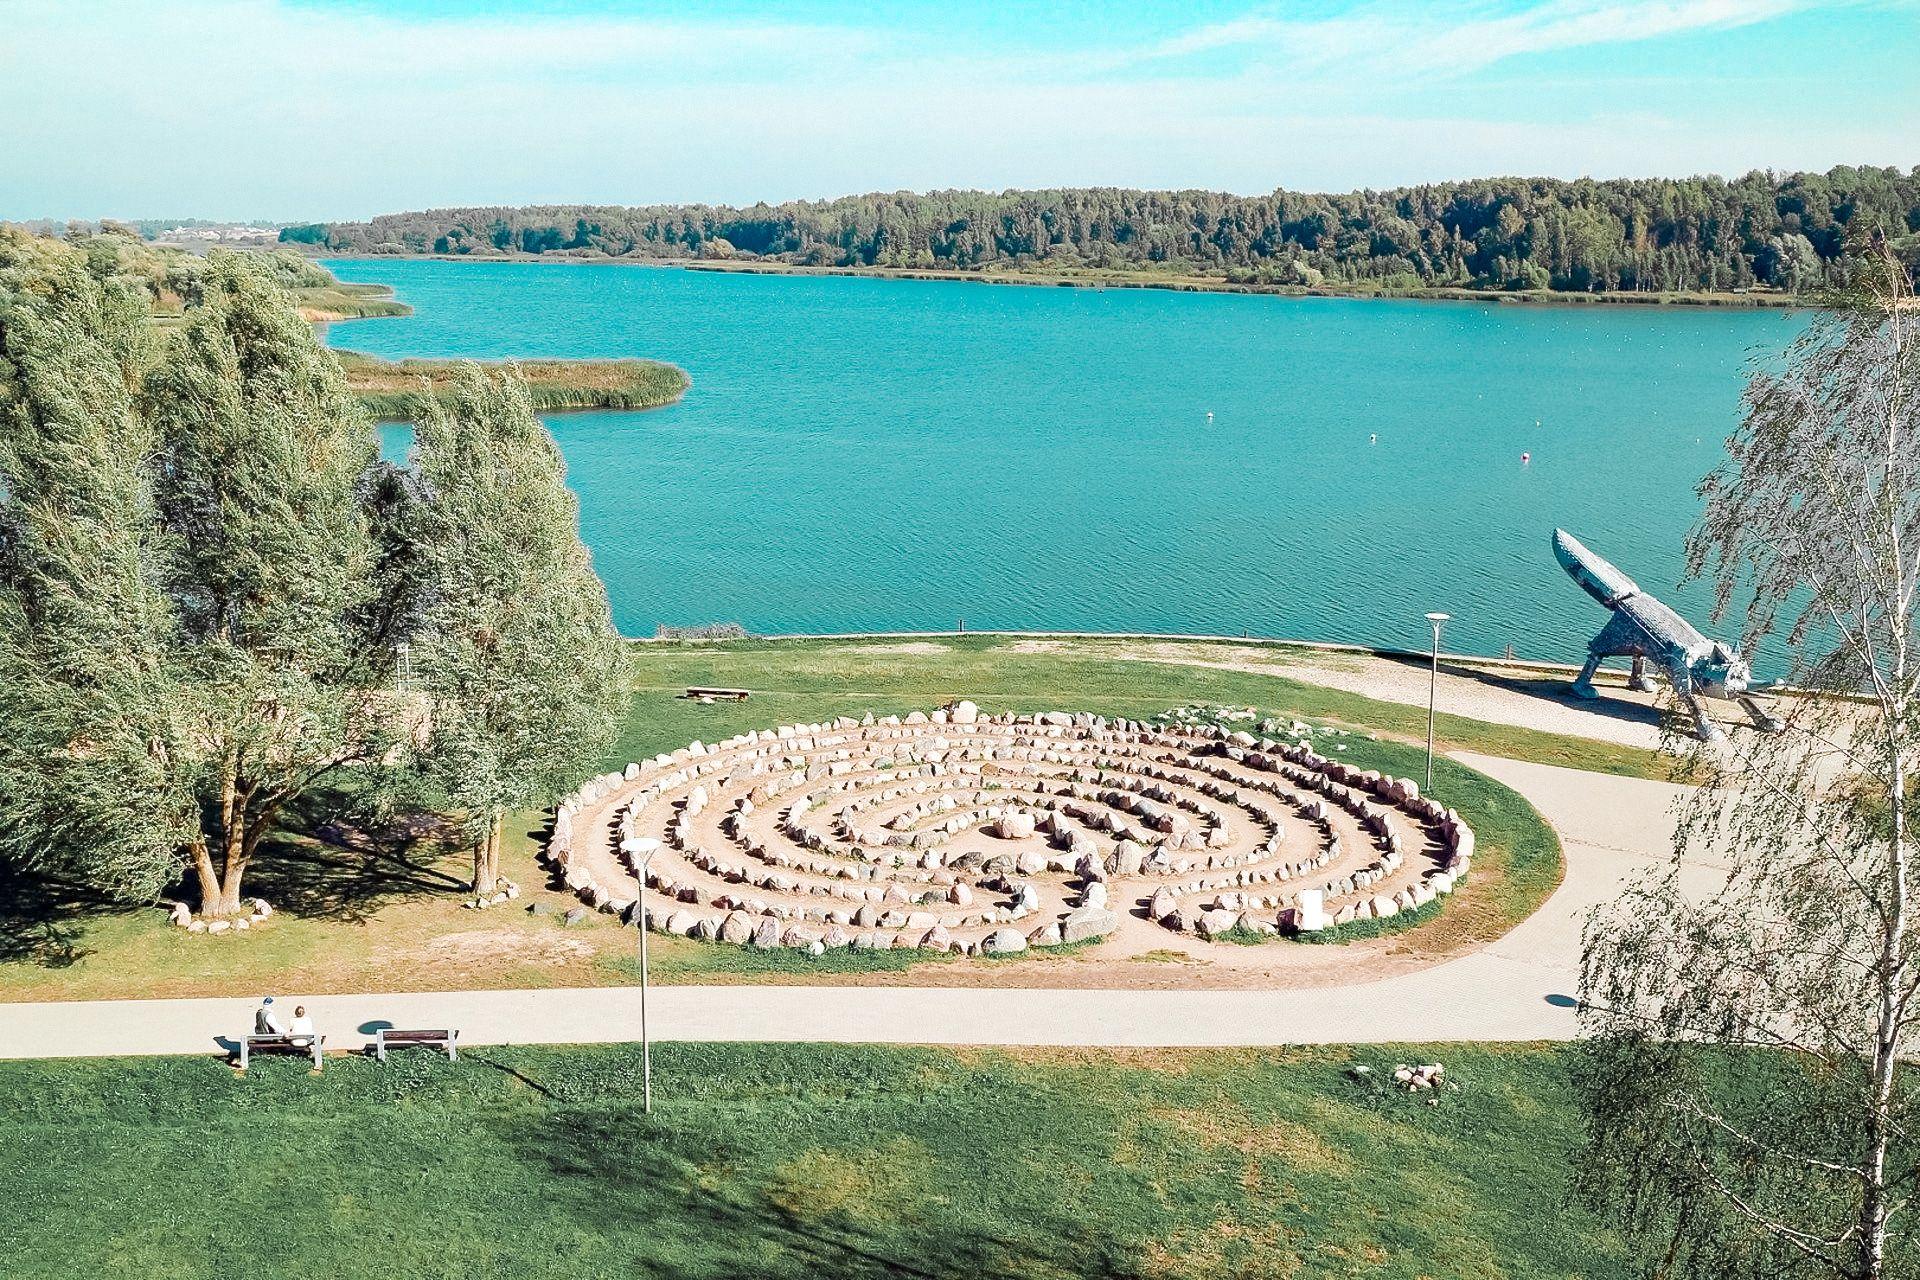 Energetinis labirintas